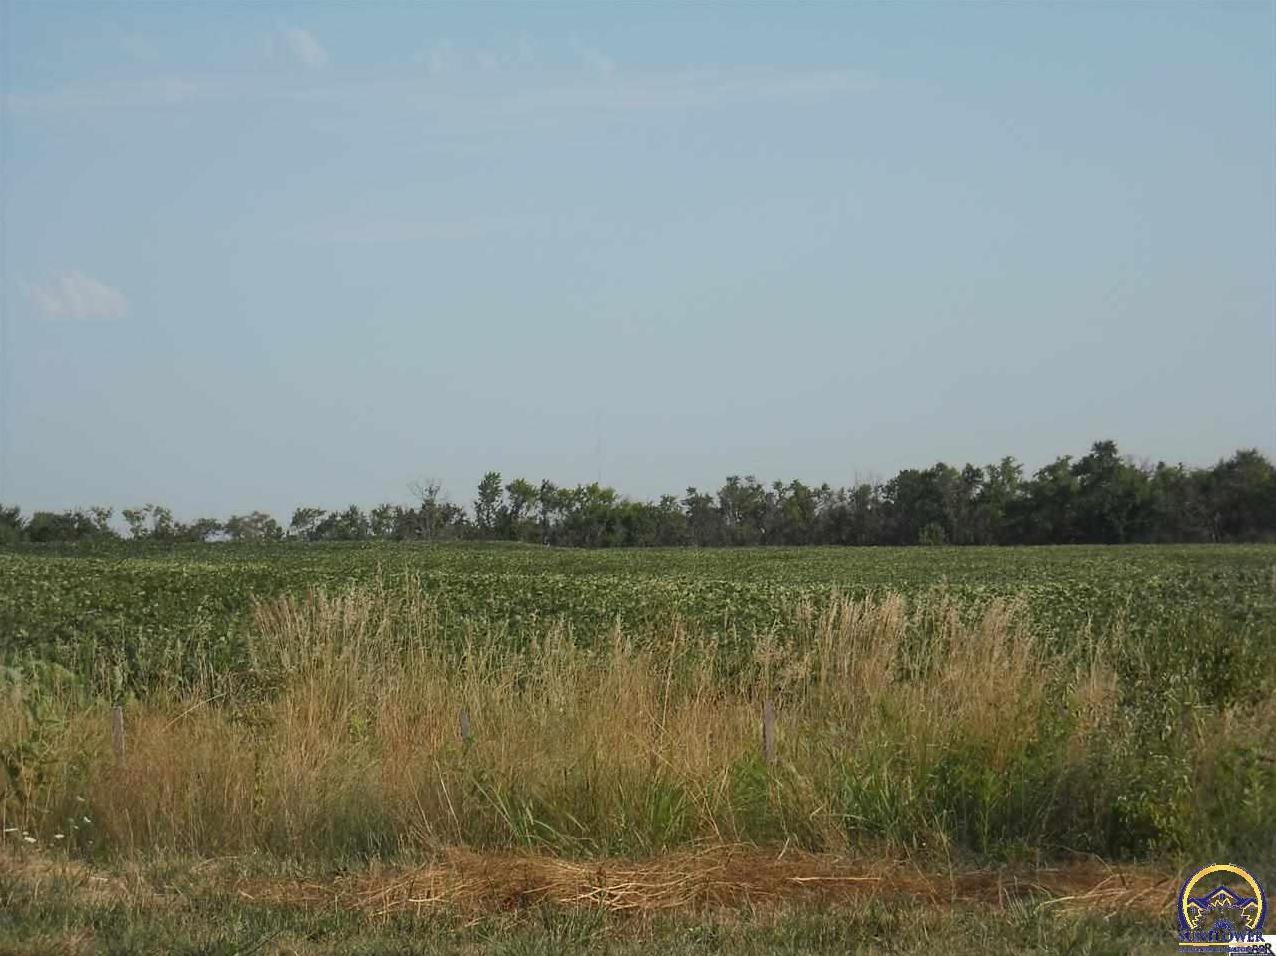 Photo of Lot 3, Blk A SW Urish RD Topeka KS 66615